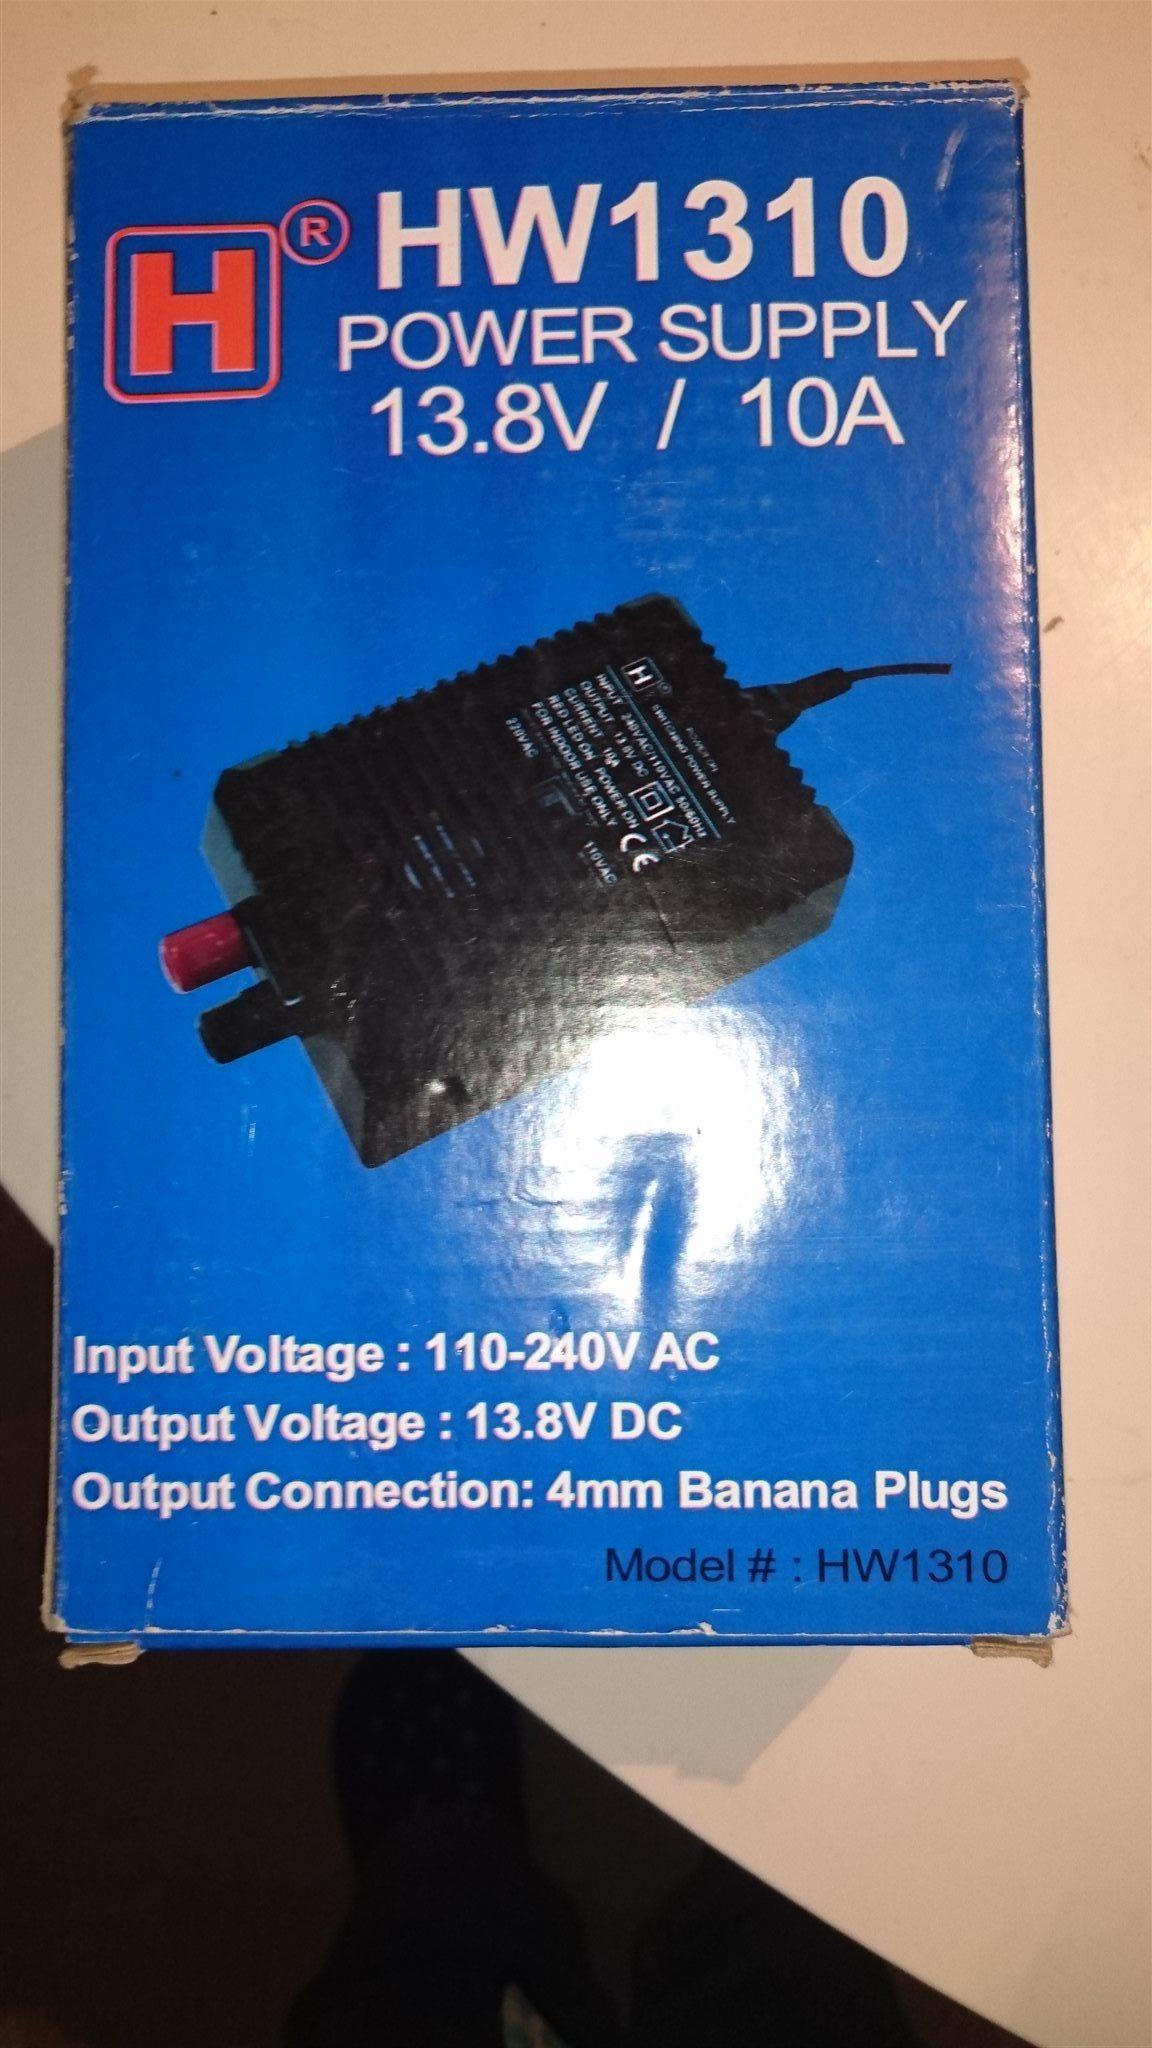 Ntaggregat 138v 10a P Radiostyrt Vrigt Power Supply